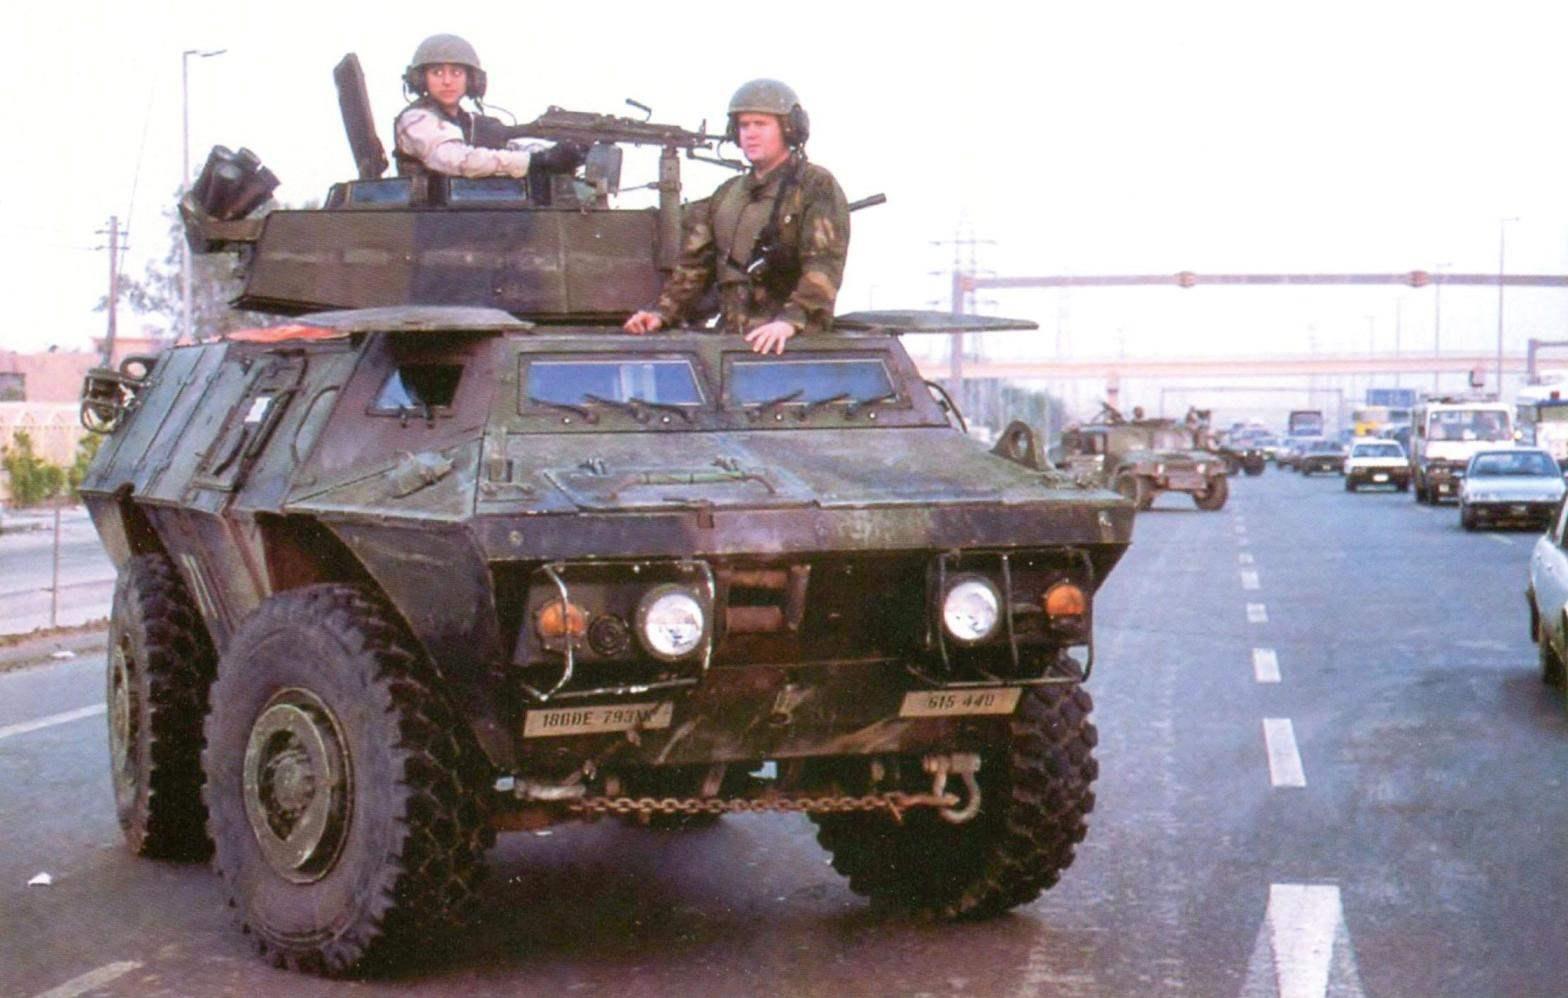 Бронеавтомобиль М1117 в дозоре на улице Багдада. 793-й батальон 18-й Военной полицейской бригады. Ирак, 2005 г